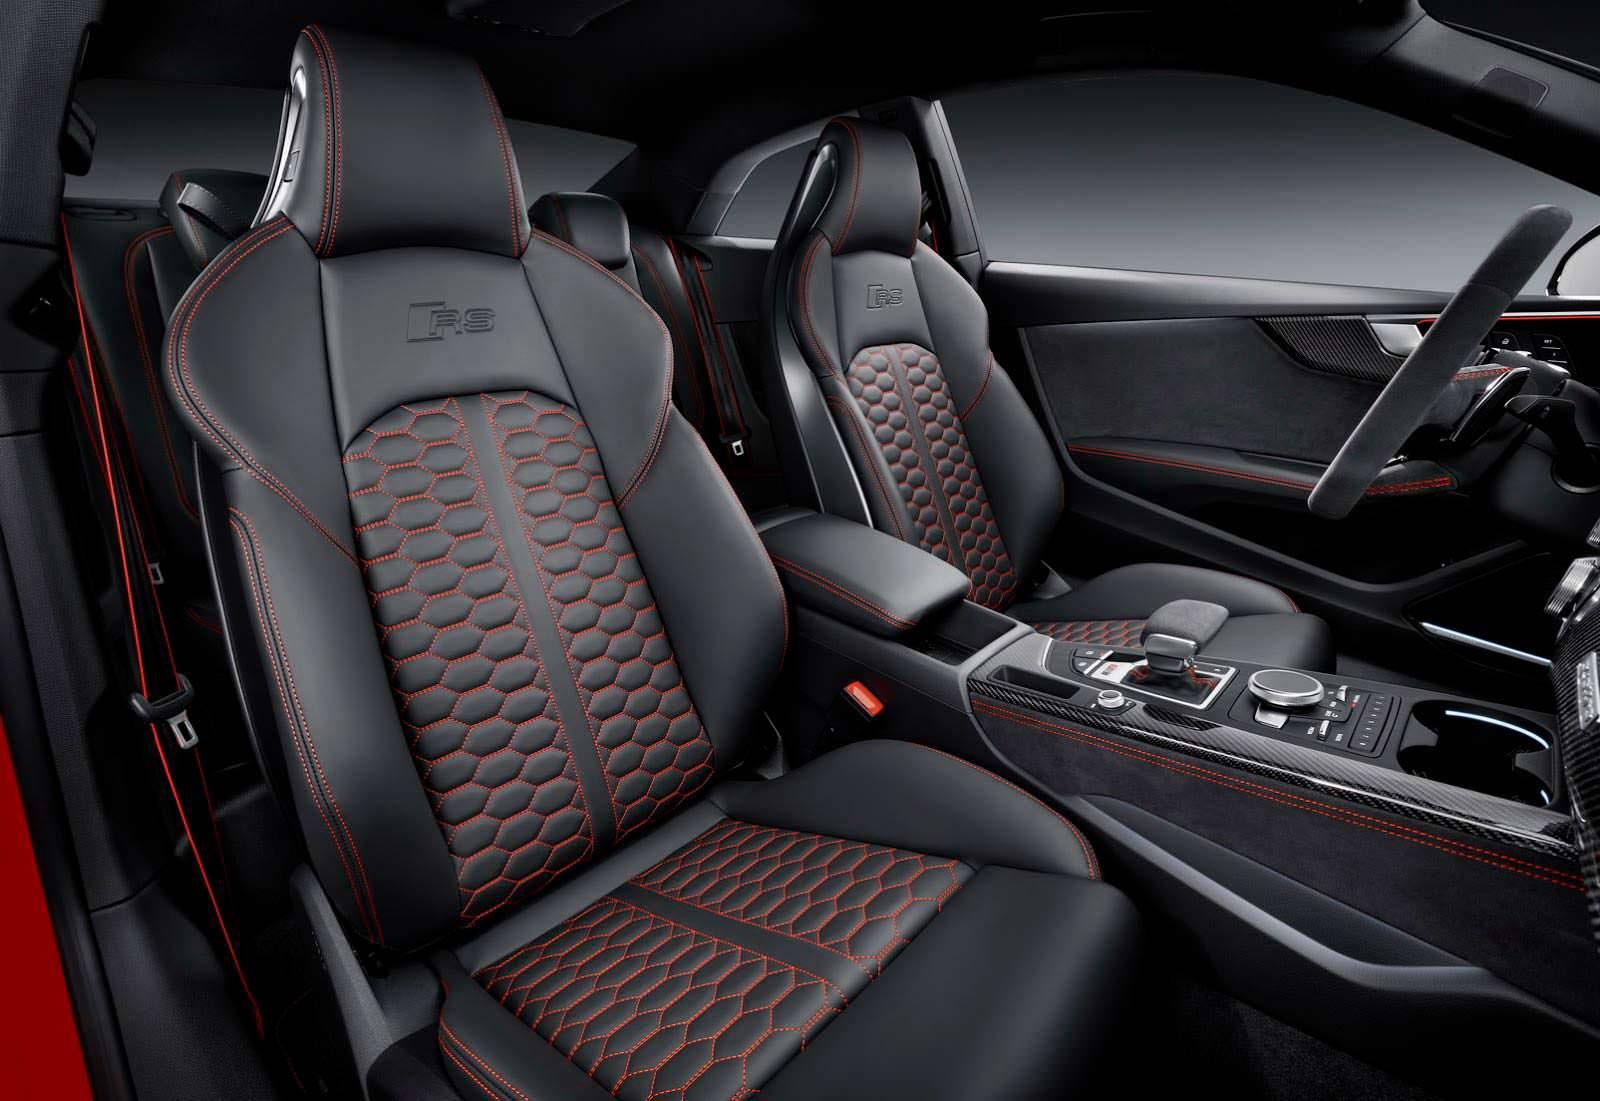 Кресла RS в салоне Audi RS5 Coupe